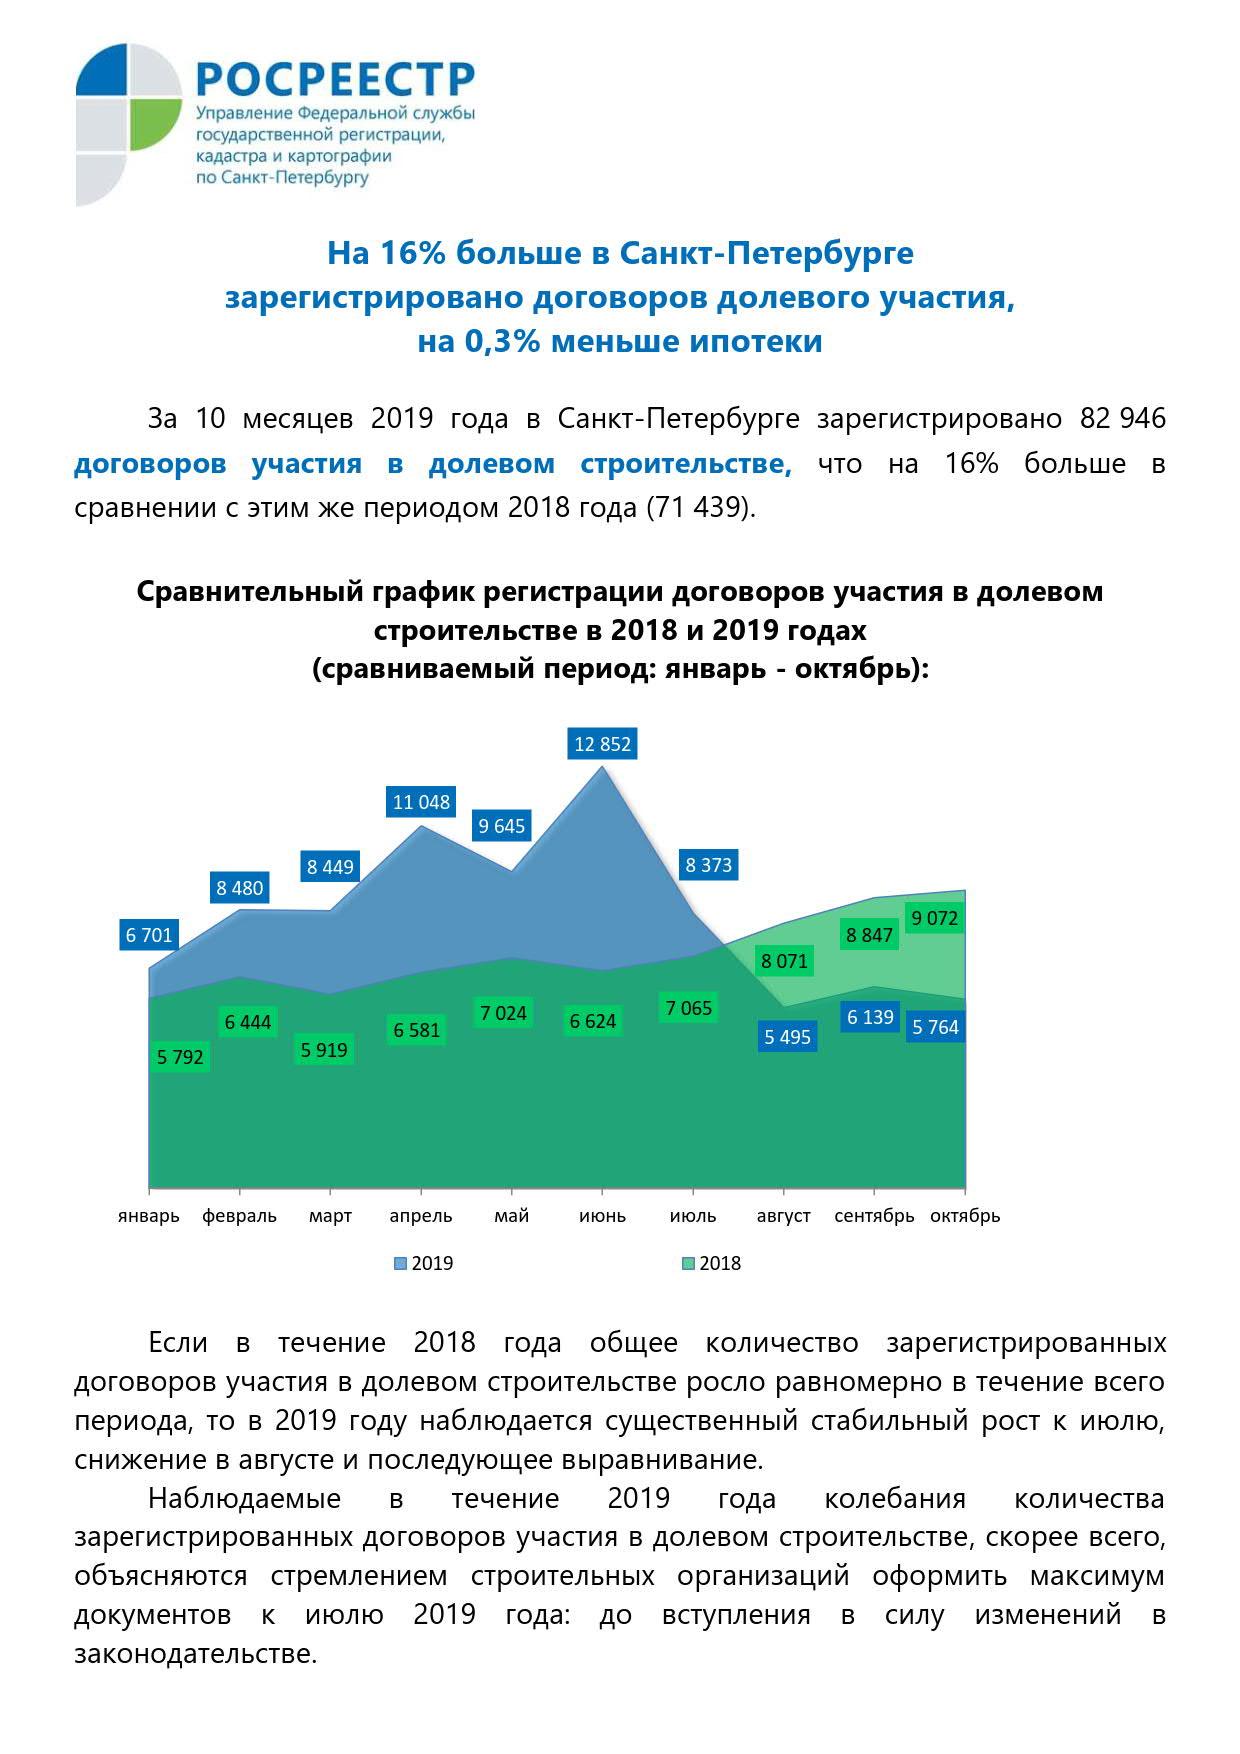 На 16% больше в Санкт-Петербурге зарегистрировано договоров долевого участия, на 0,3 % меньше ипотеки_1